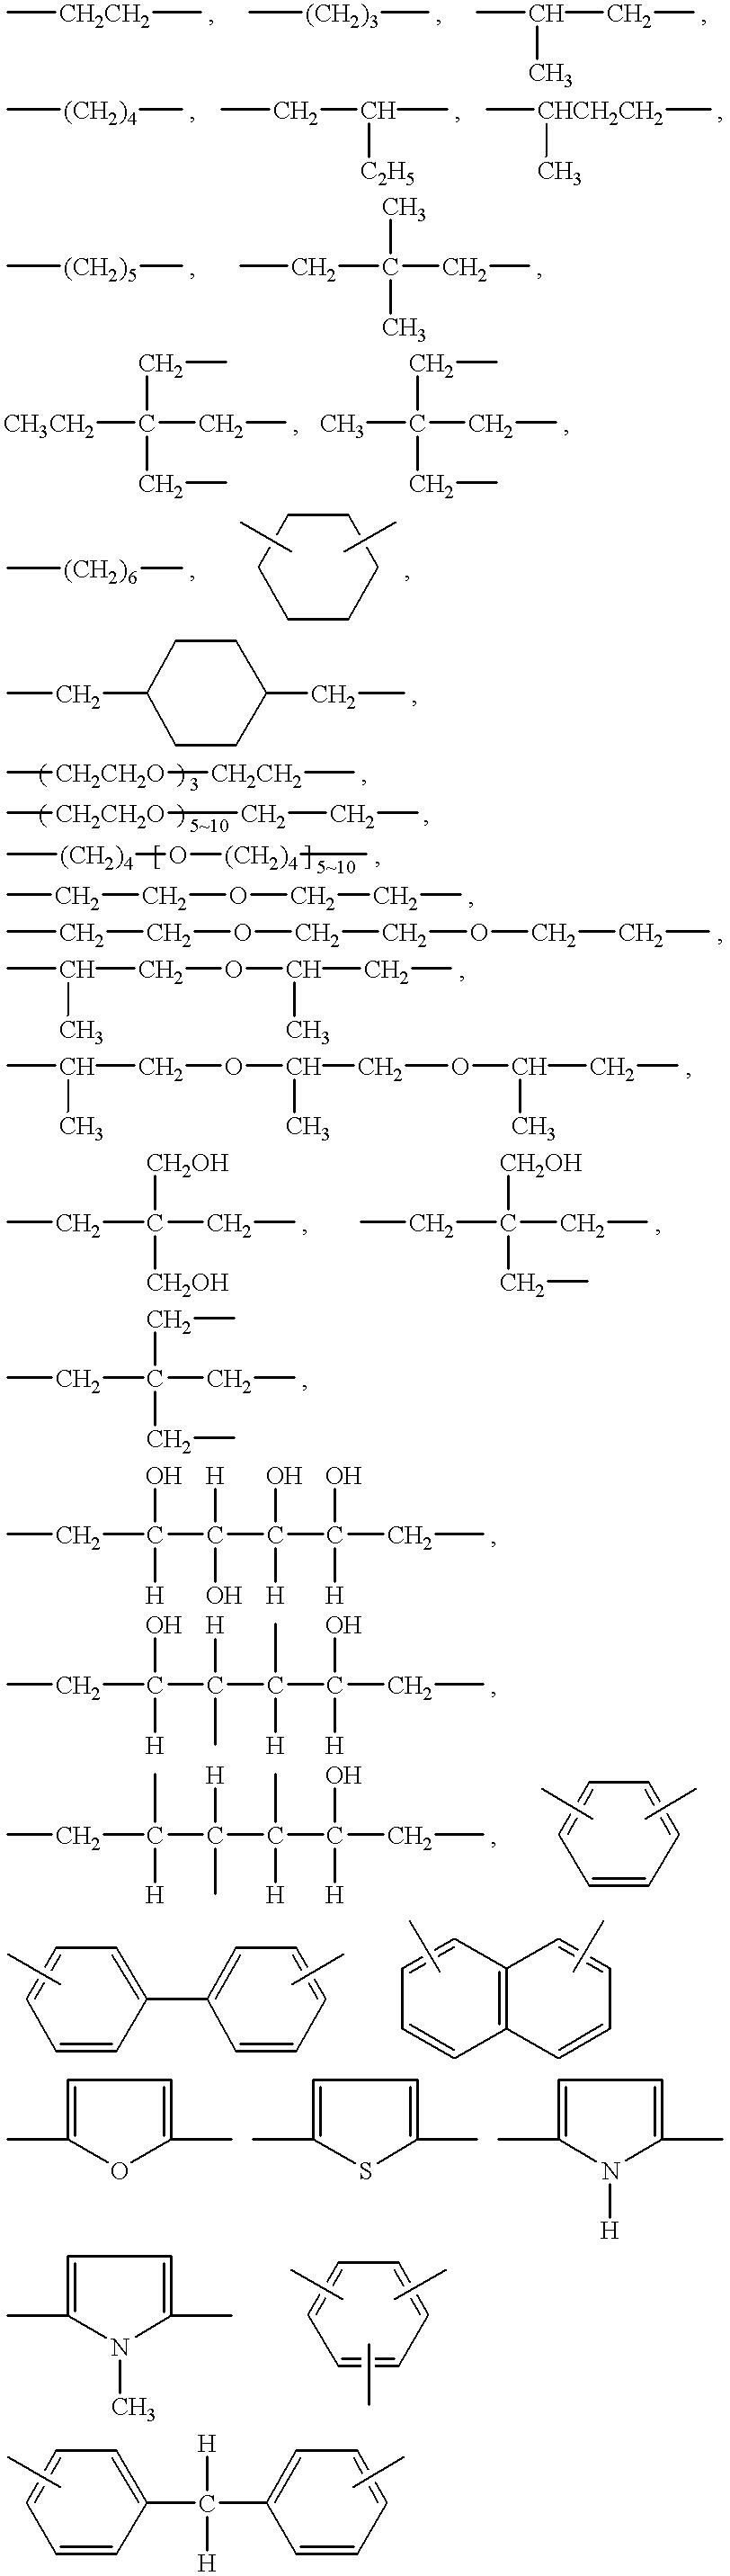 Figure US06623909-20030923-C00014